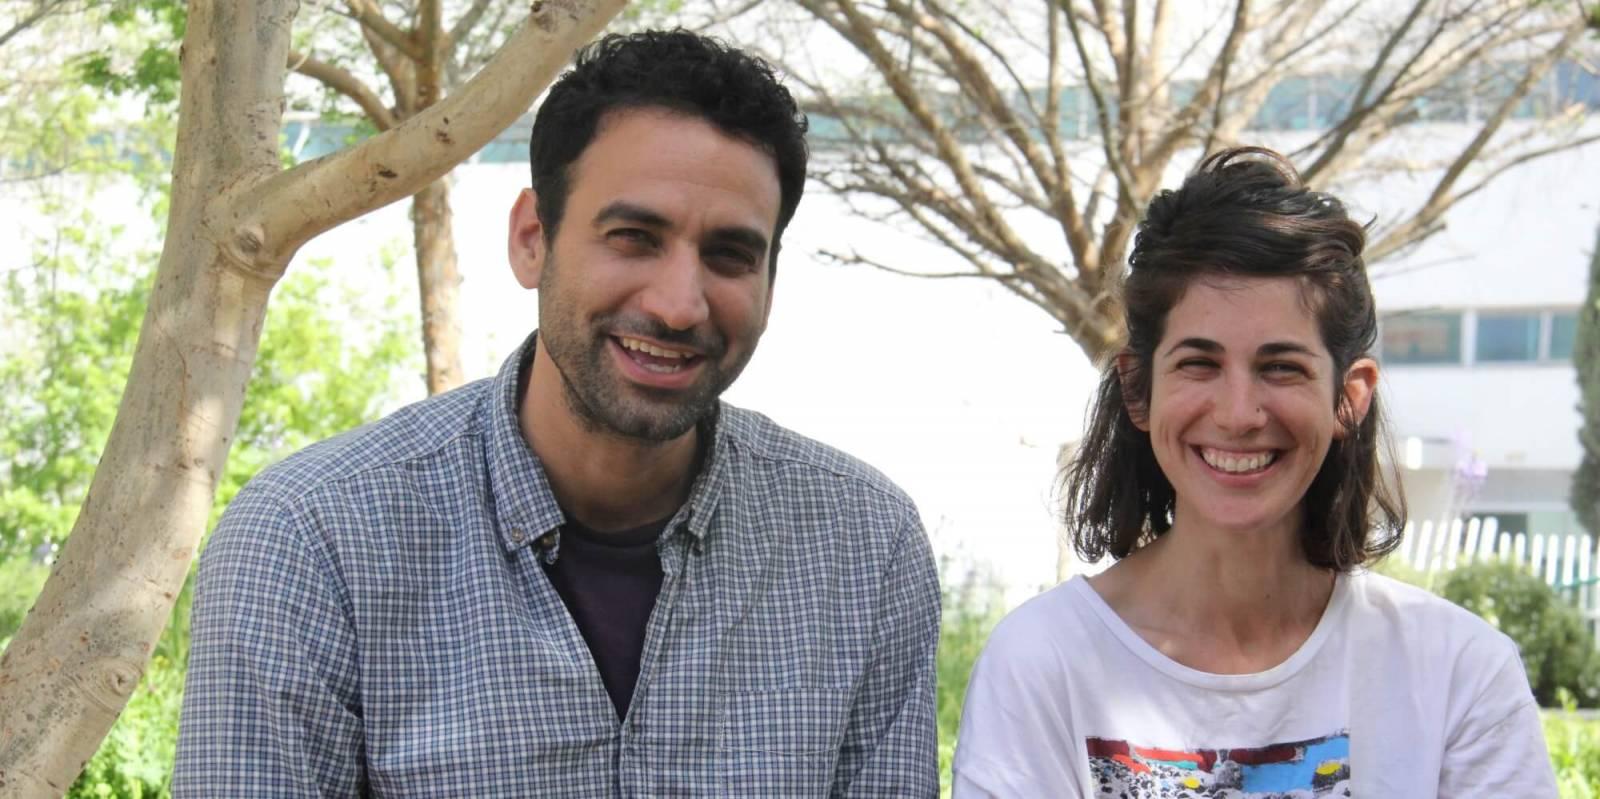 טלי הולן וליאור לויתן, בית הספר לאתגרי העתיד בחריש